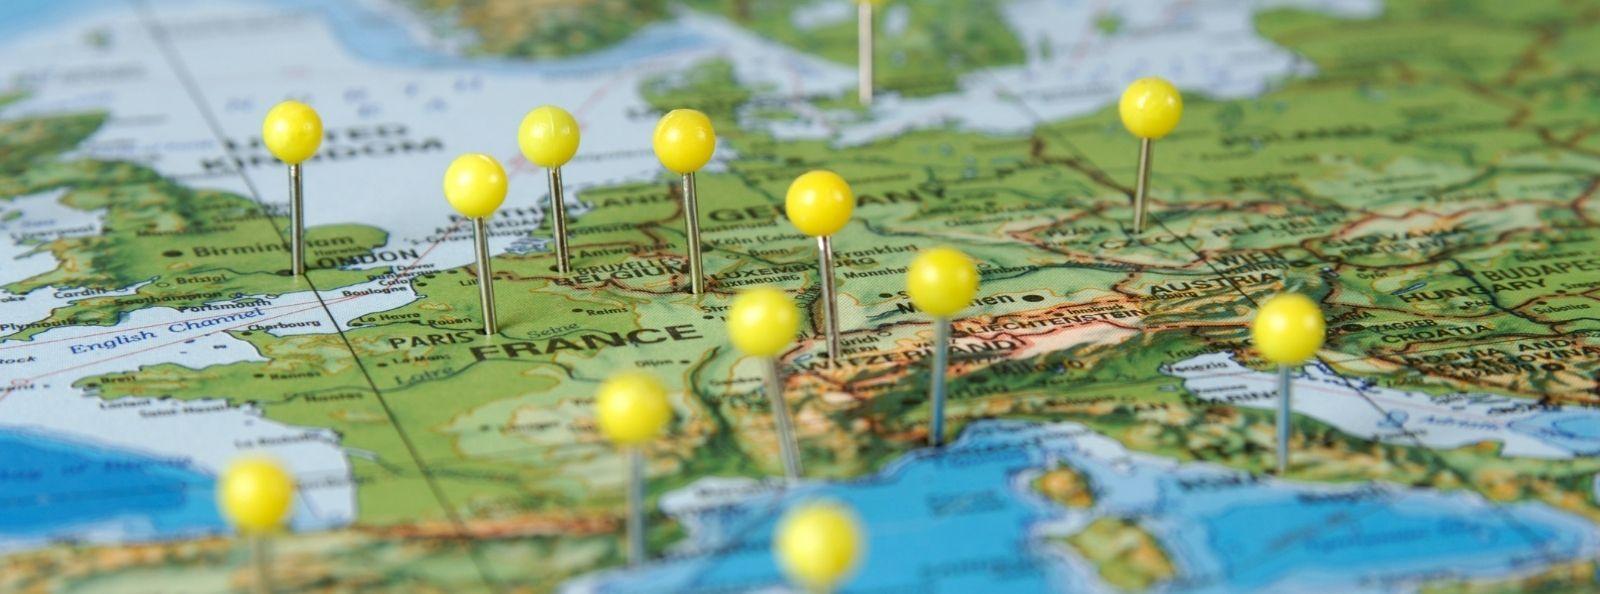 Landkarte mit Pins in Zielländern für die Internationalisierung